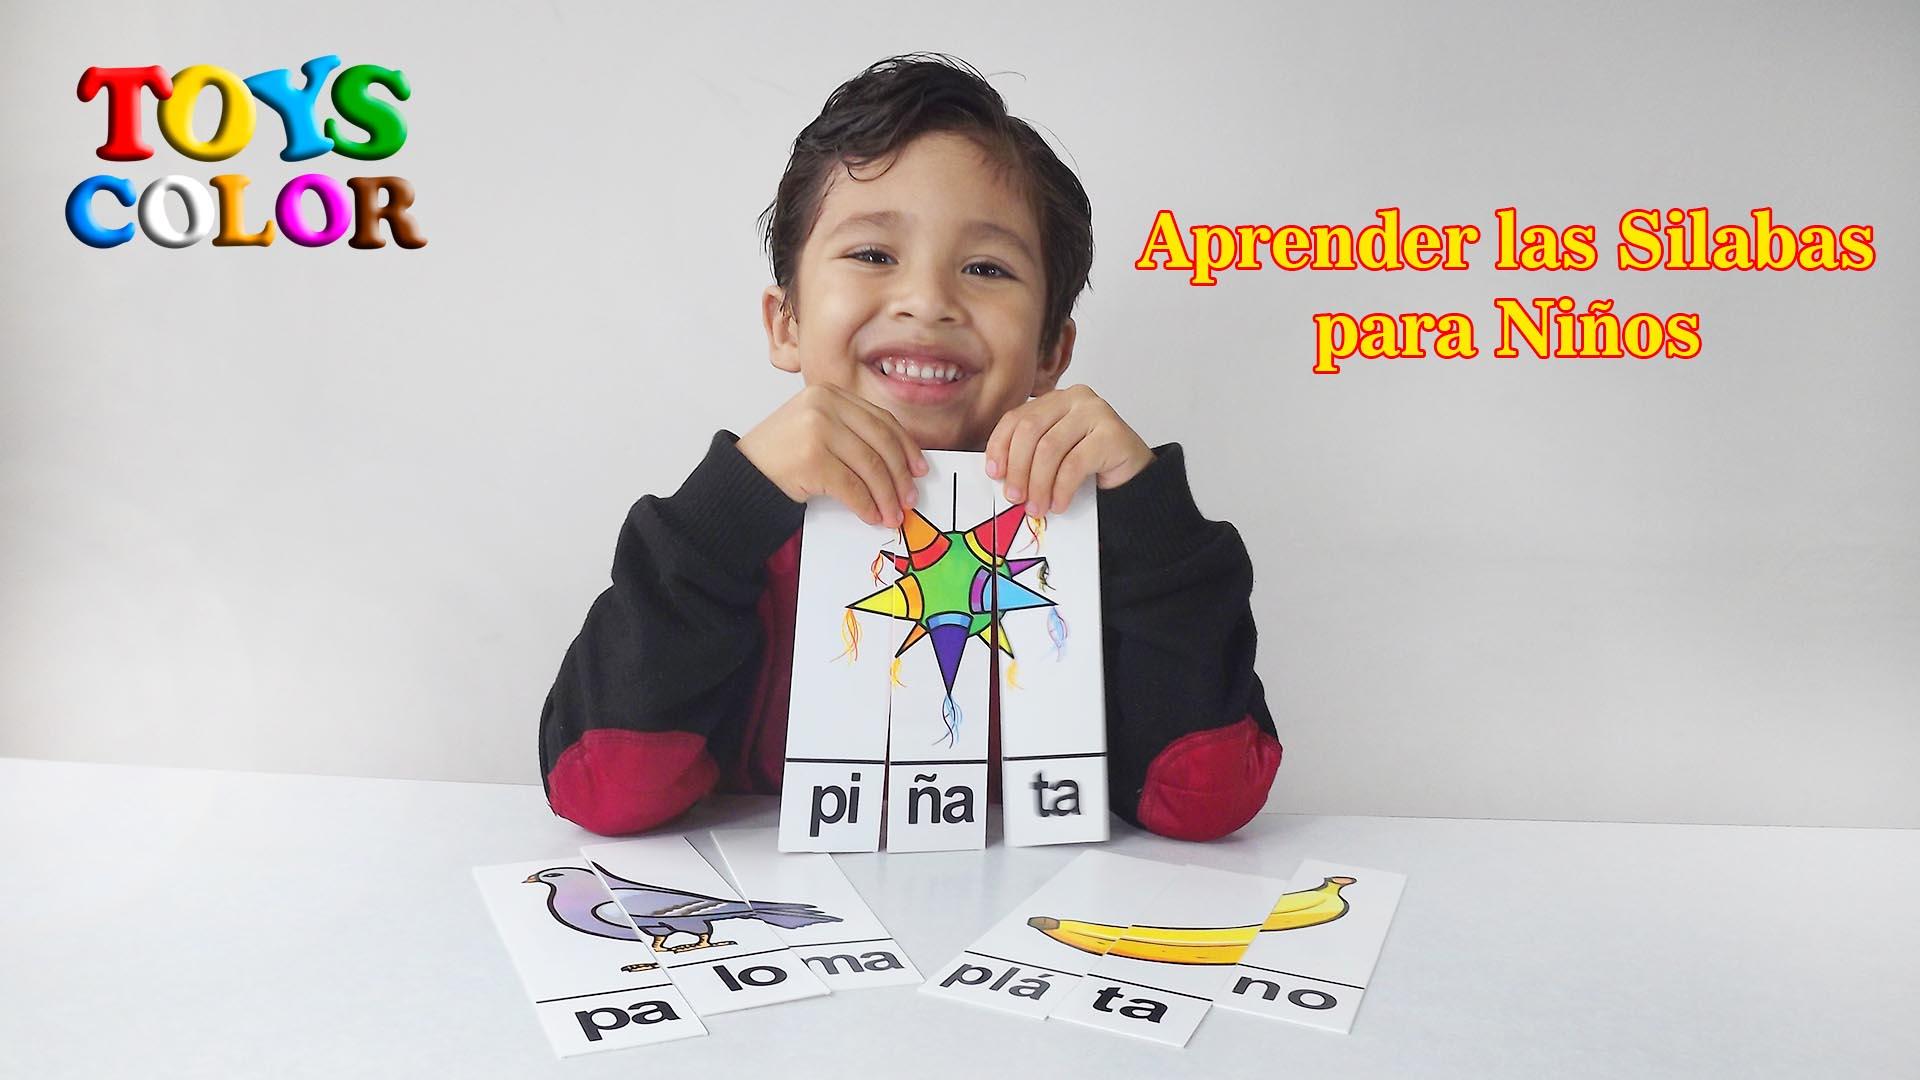 Como Aprender las Silabas para Niños Aprende las Silabas para Niños Aprender Jugando Aprende Jugando